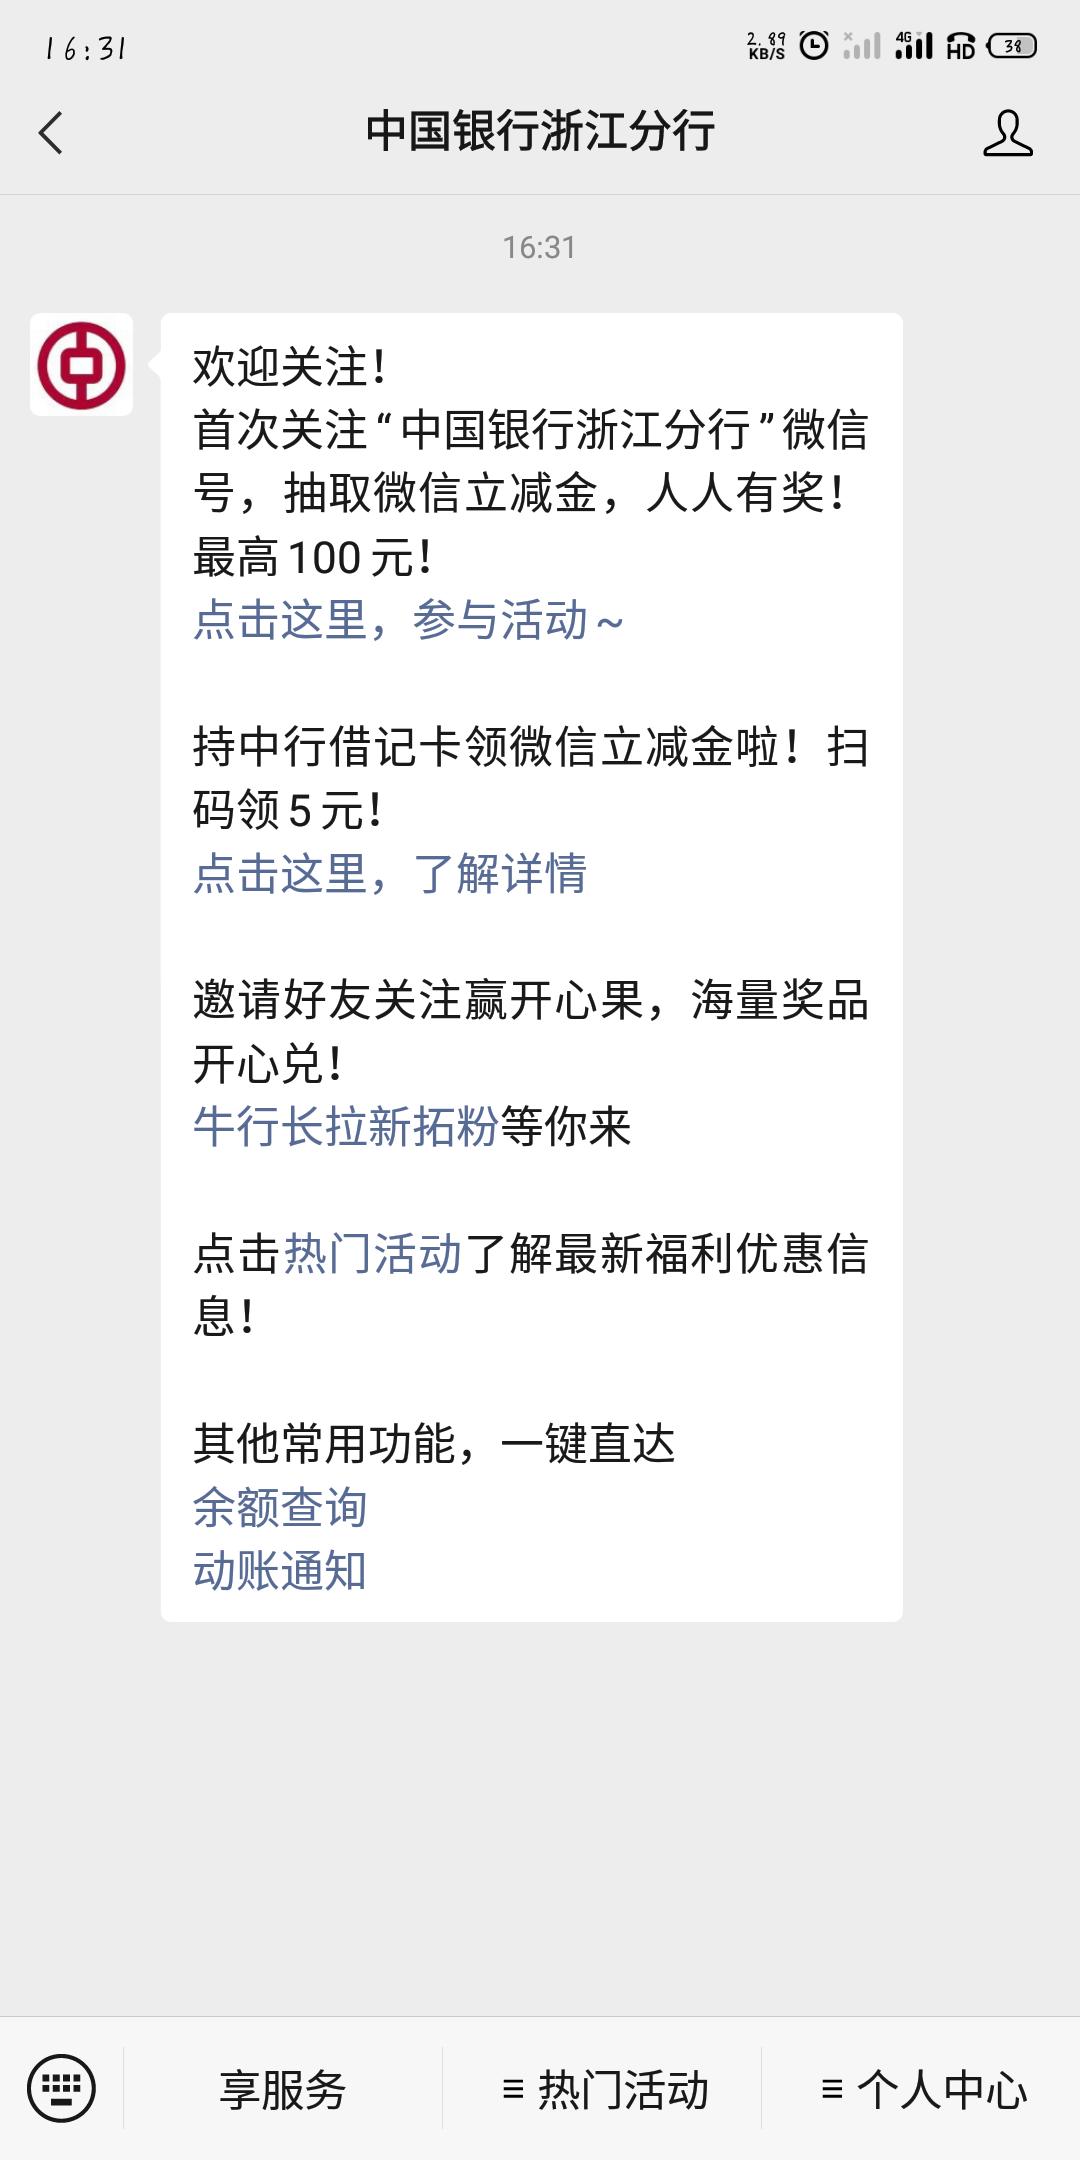 中国银行立减金1-100元